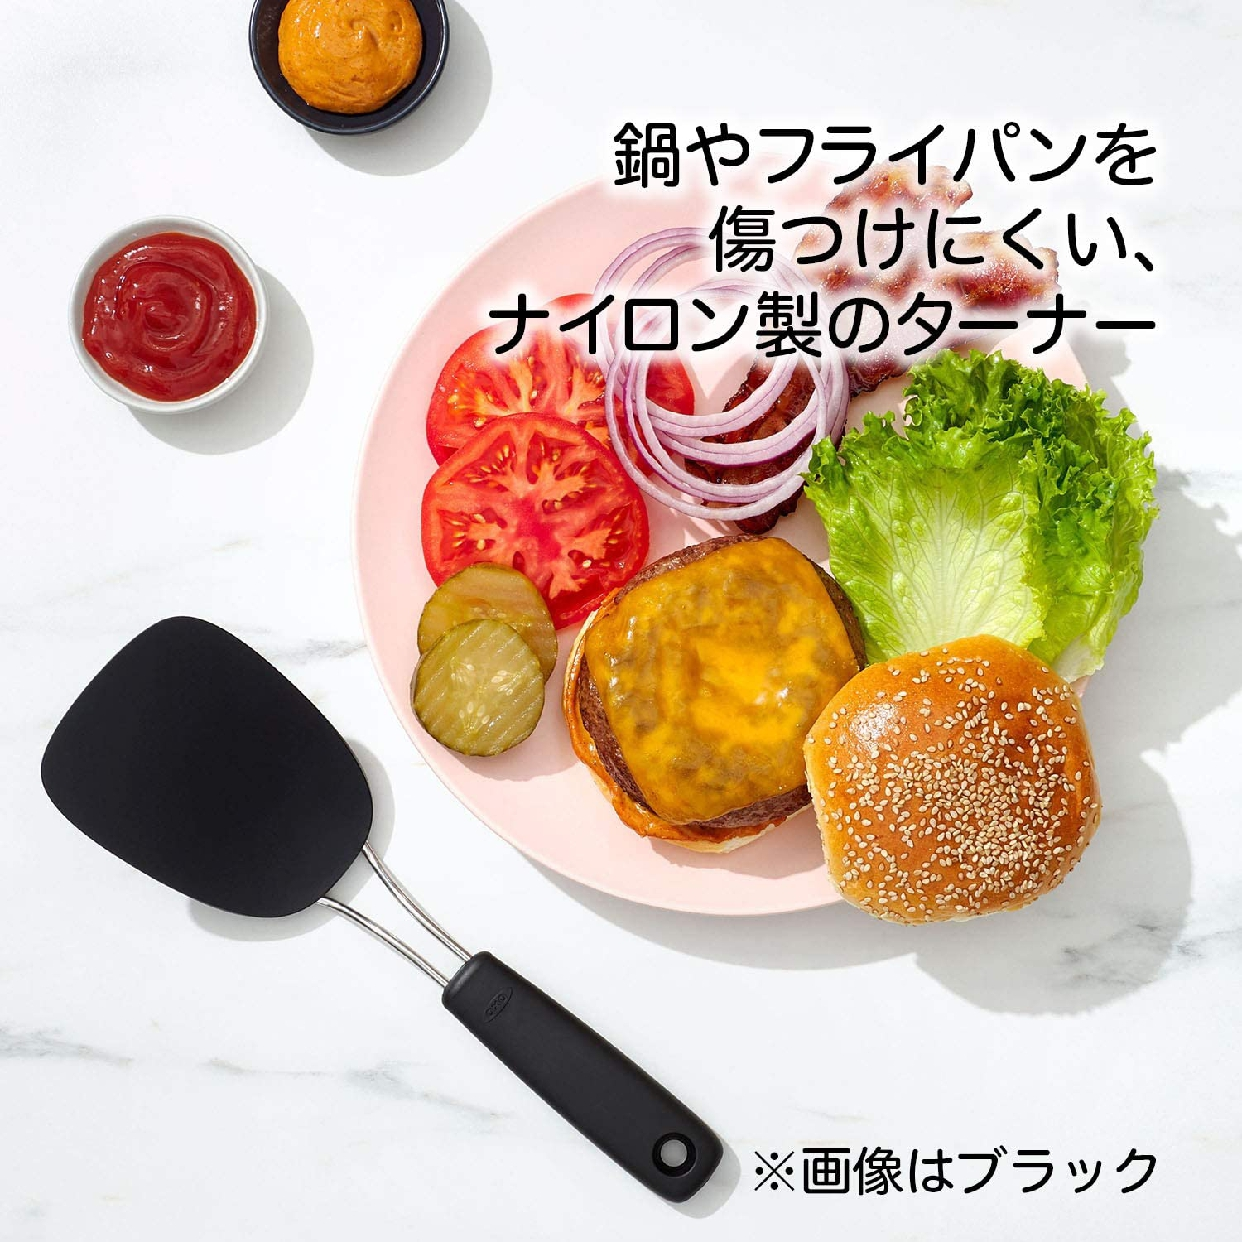 OXO(オクソー) ナイロンソフトターナー トマト 11152200の商品画像2